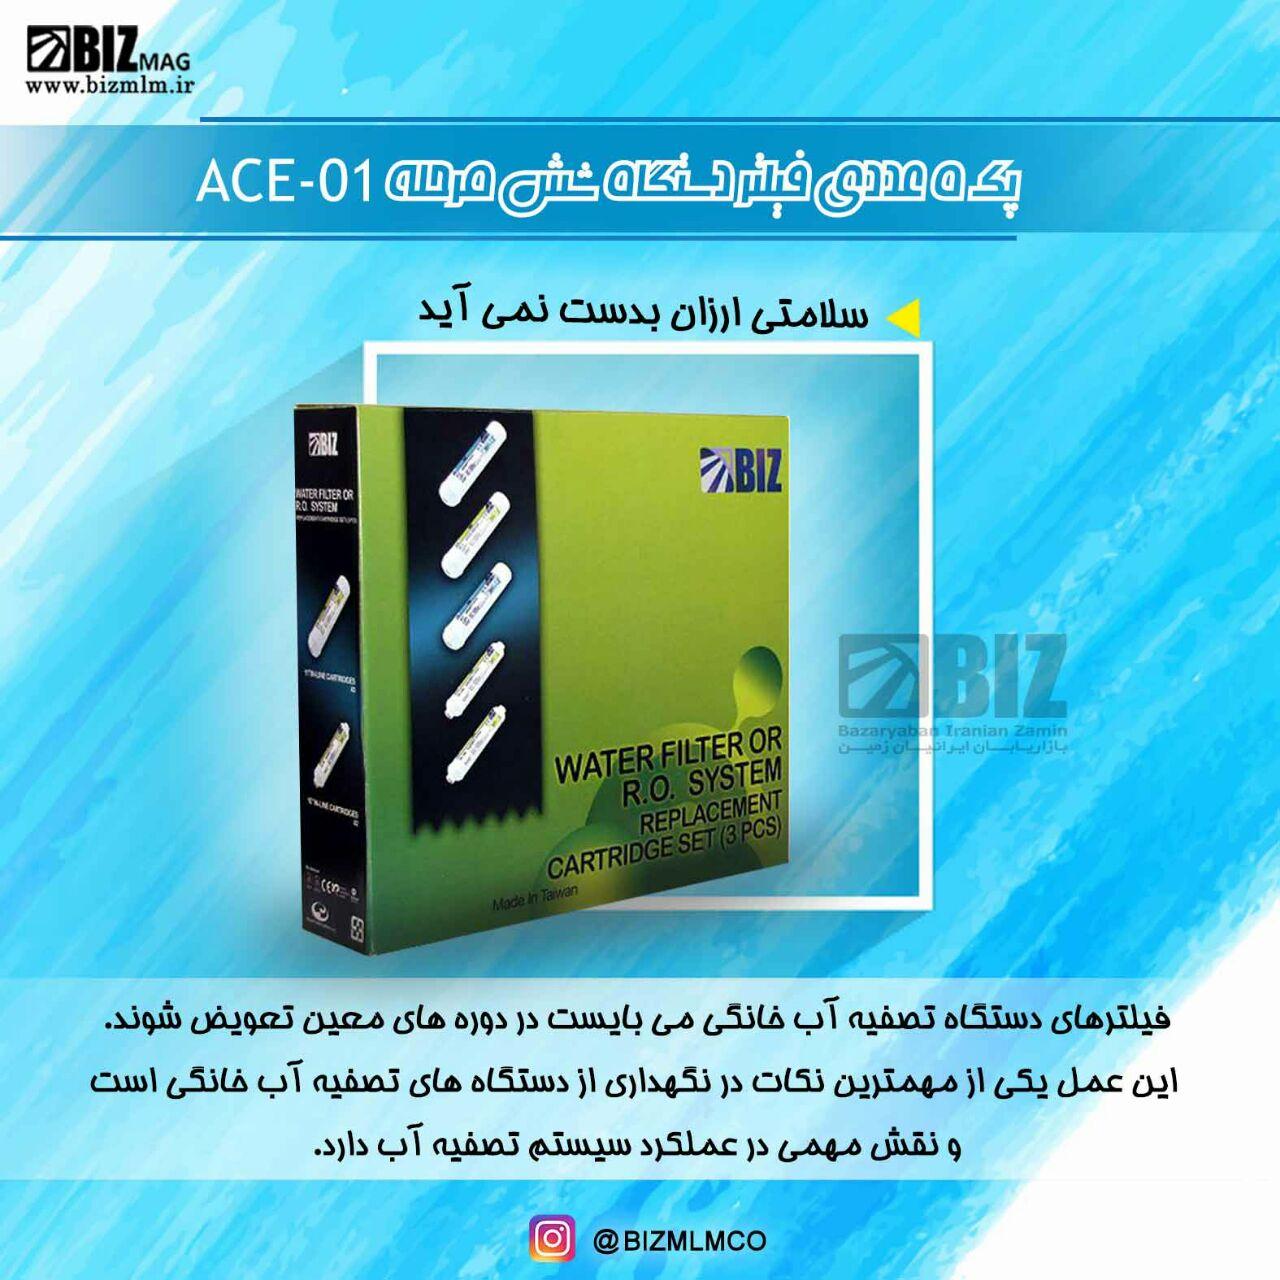 پک 5 عددی فیلتر دستگاه شش مرحله ایی تصفیه آب ACE_01